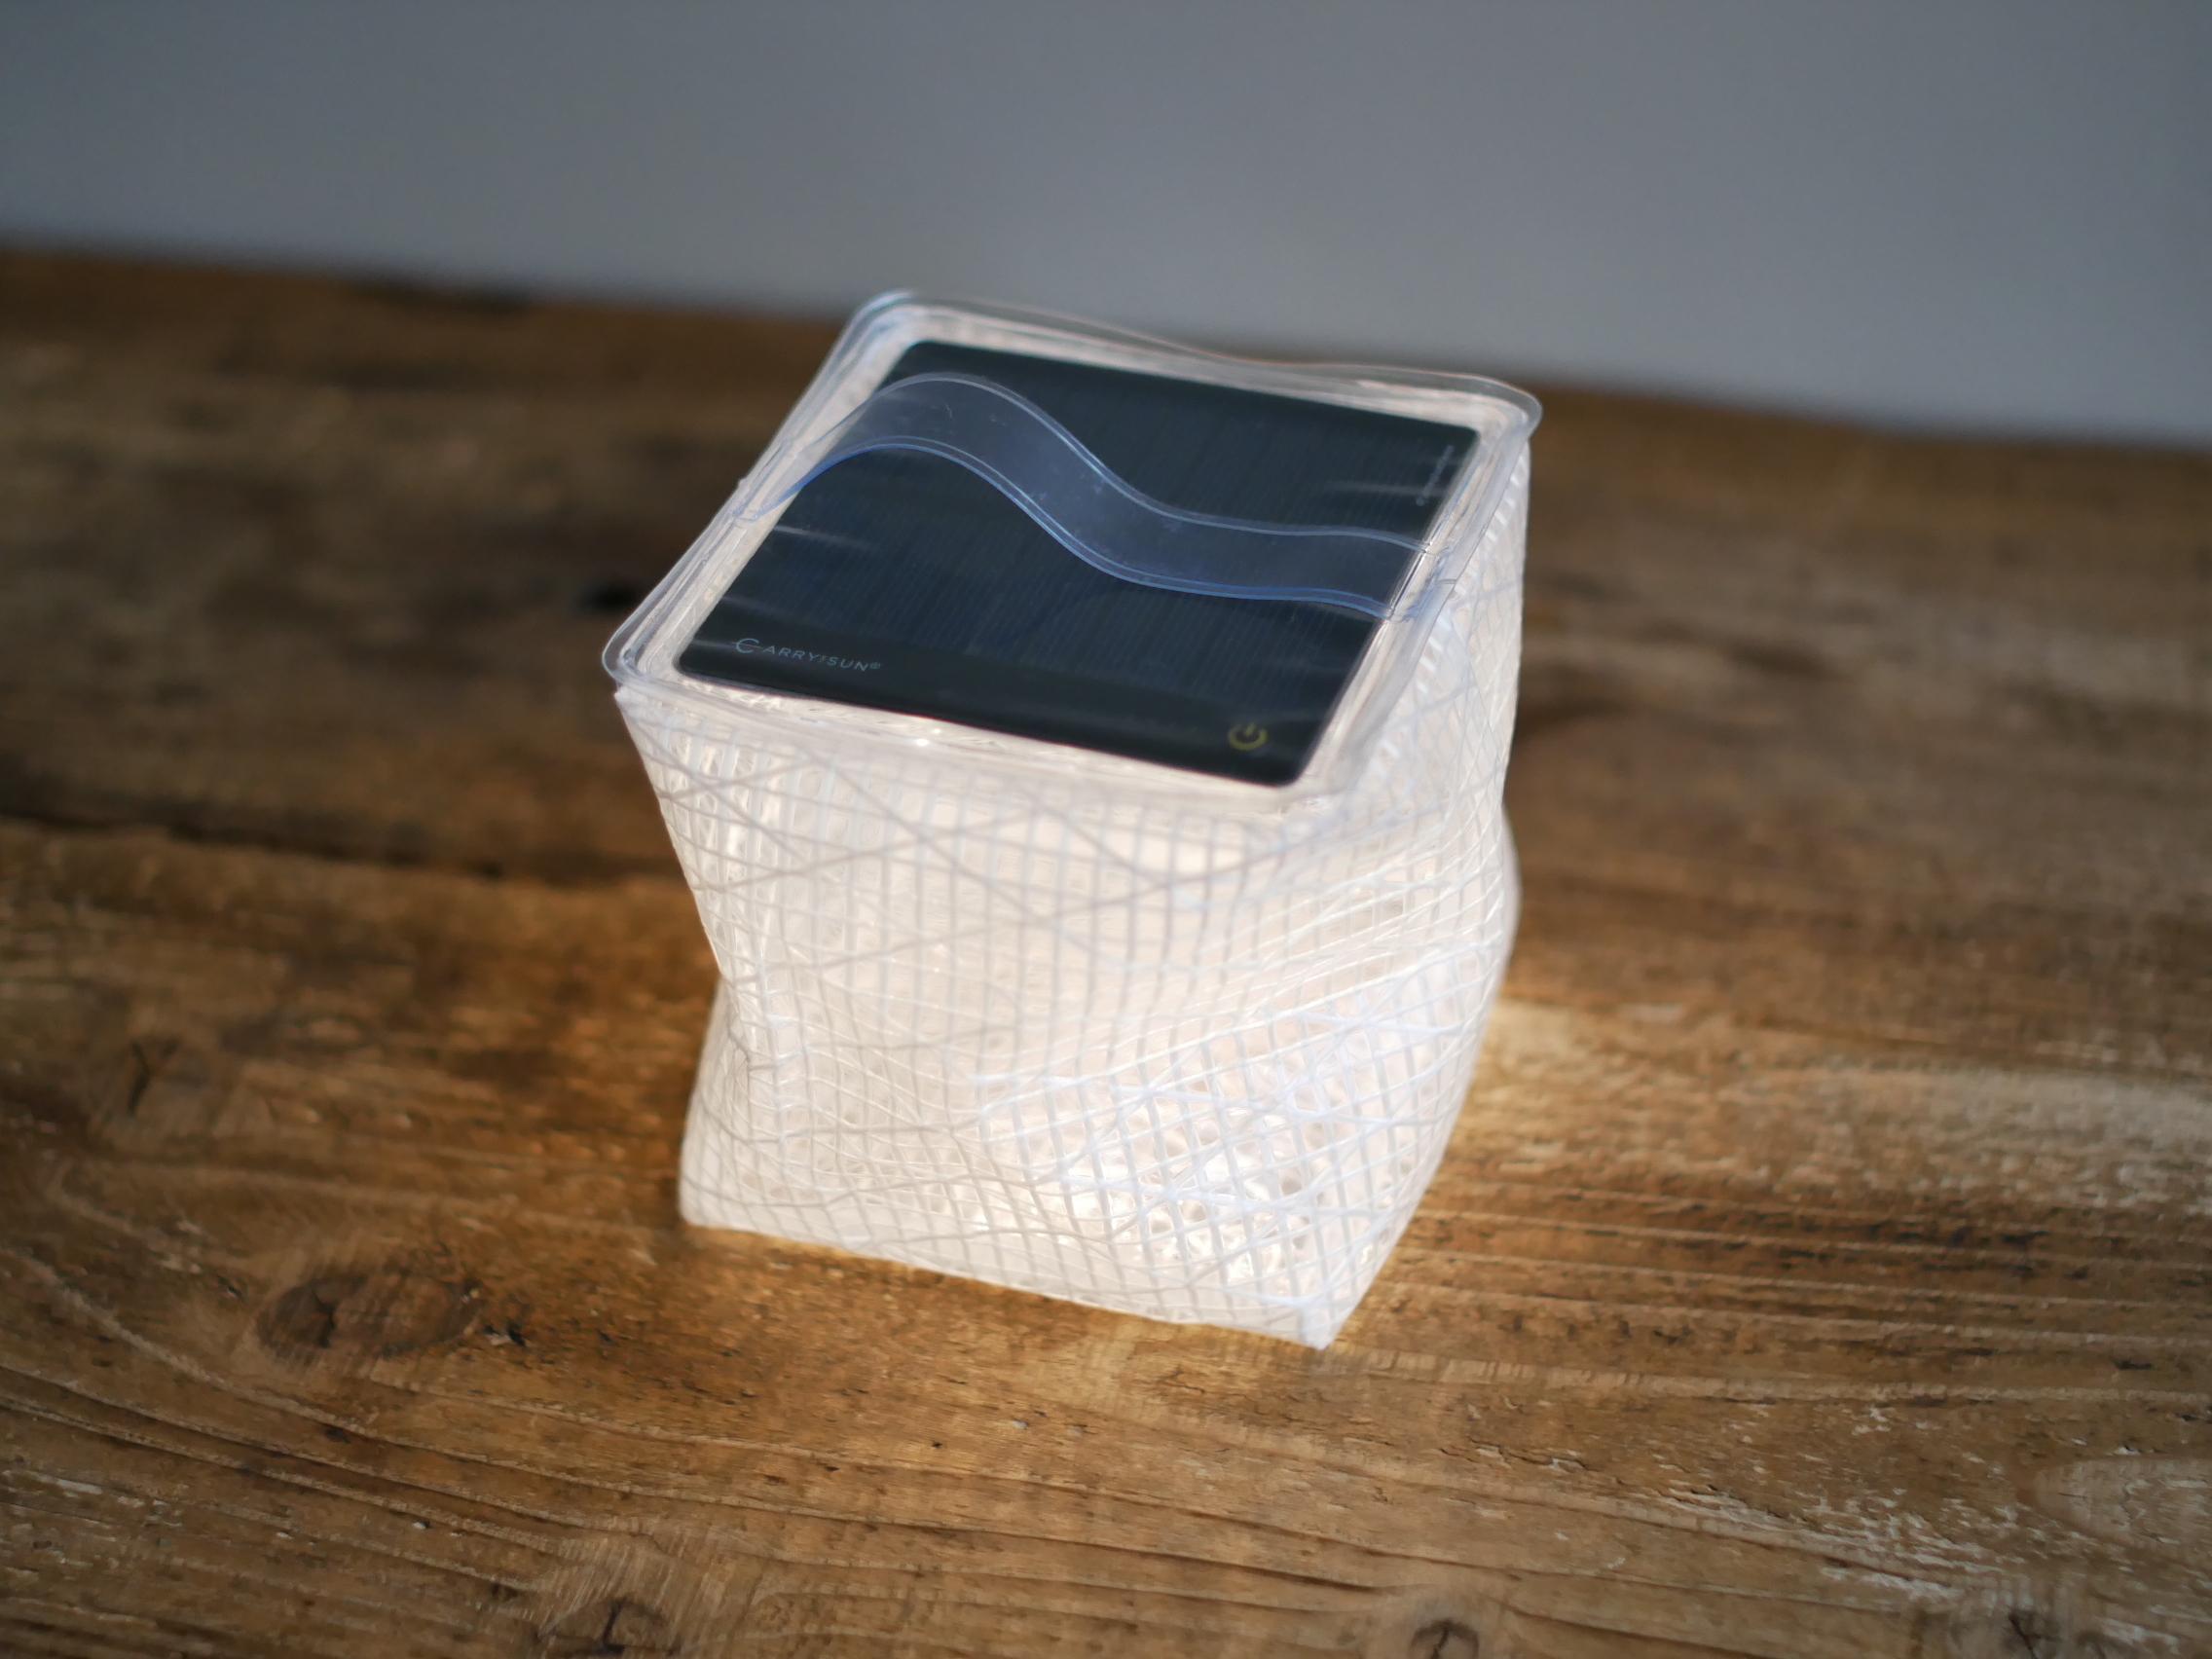 太陽光で充電できるLEDランタン(Medium) / CARRY THE SUN